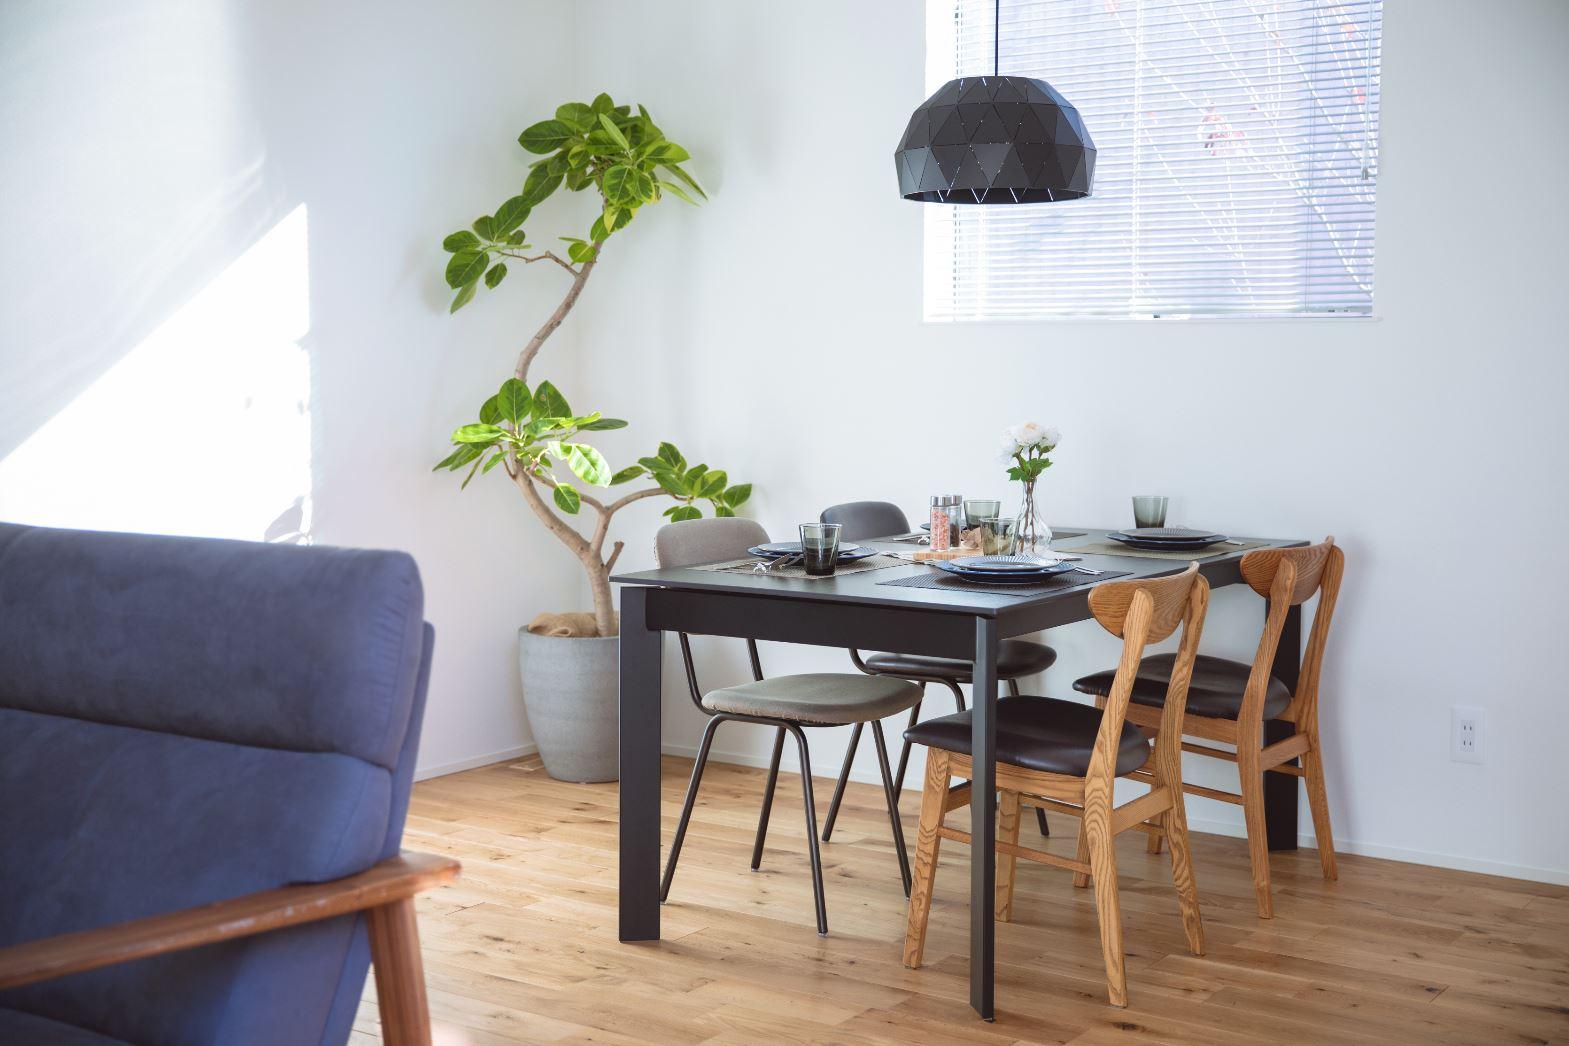 S.CONNECT(エスコネクト)【浜松市浜北区中瀬(詳しい住所はご予約後ご案内いたします)・モデルハウス】オークの無垢材を使用したナチュラルな空間。家具や小物のコーディネートも家づくりの参考になる